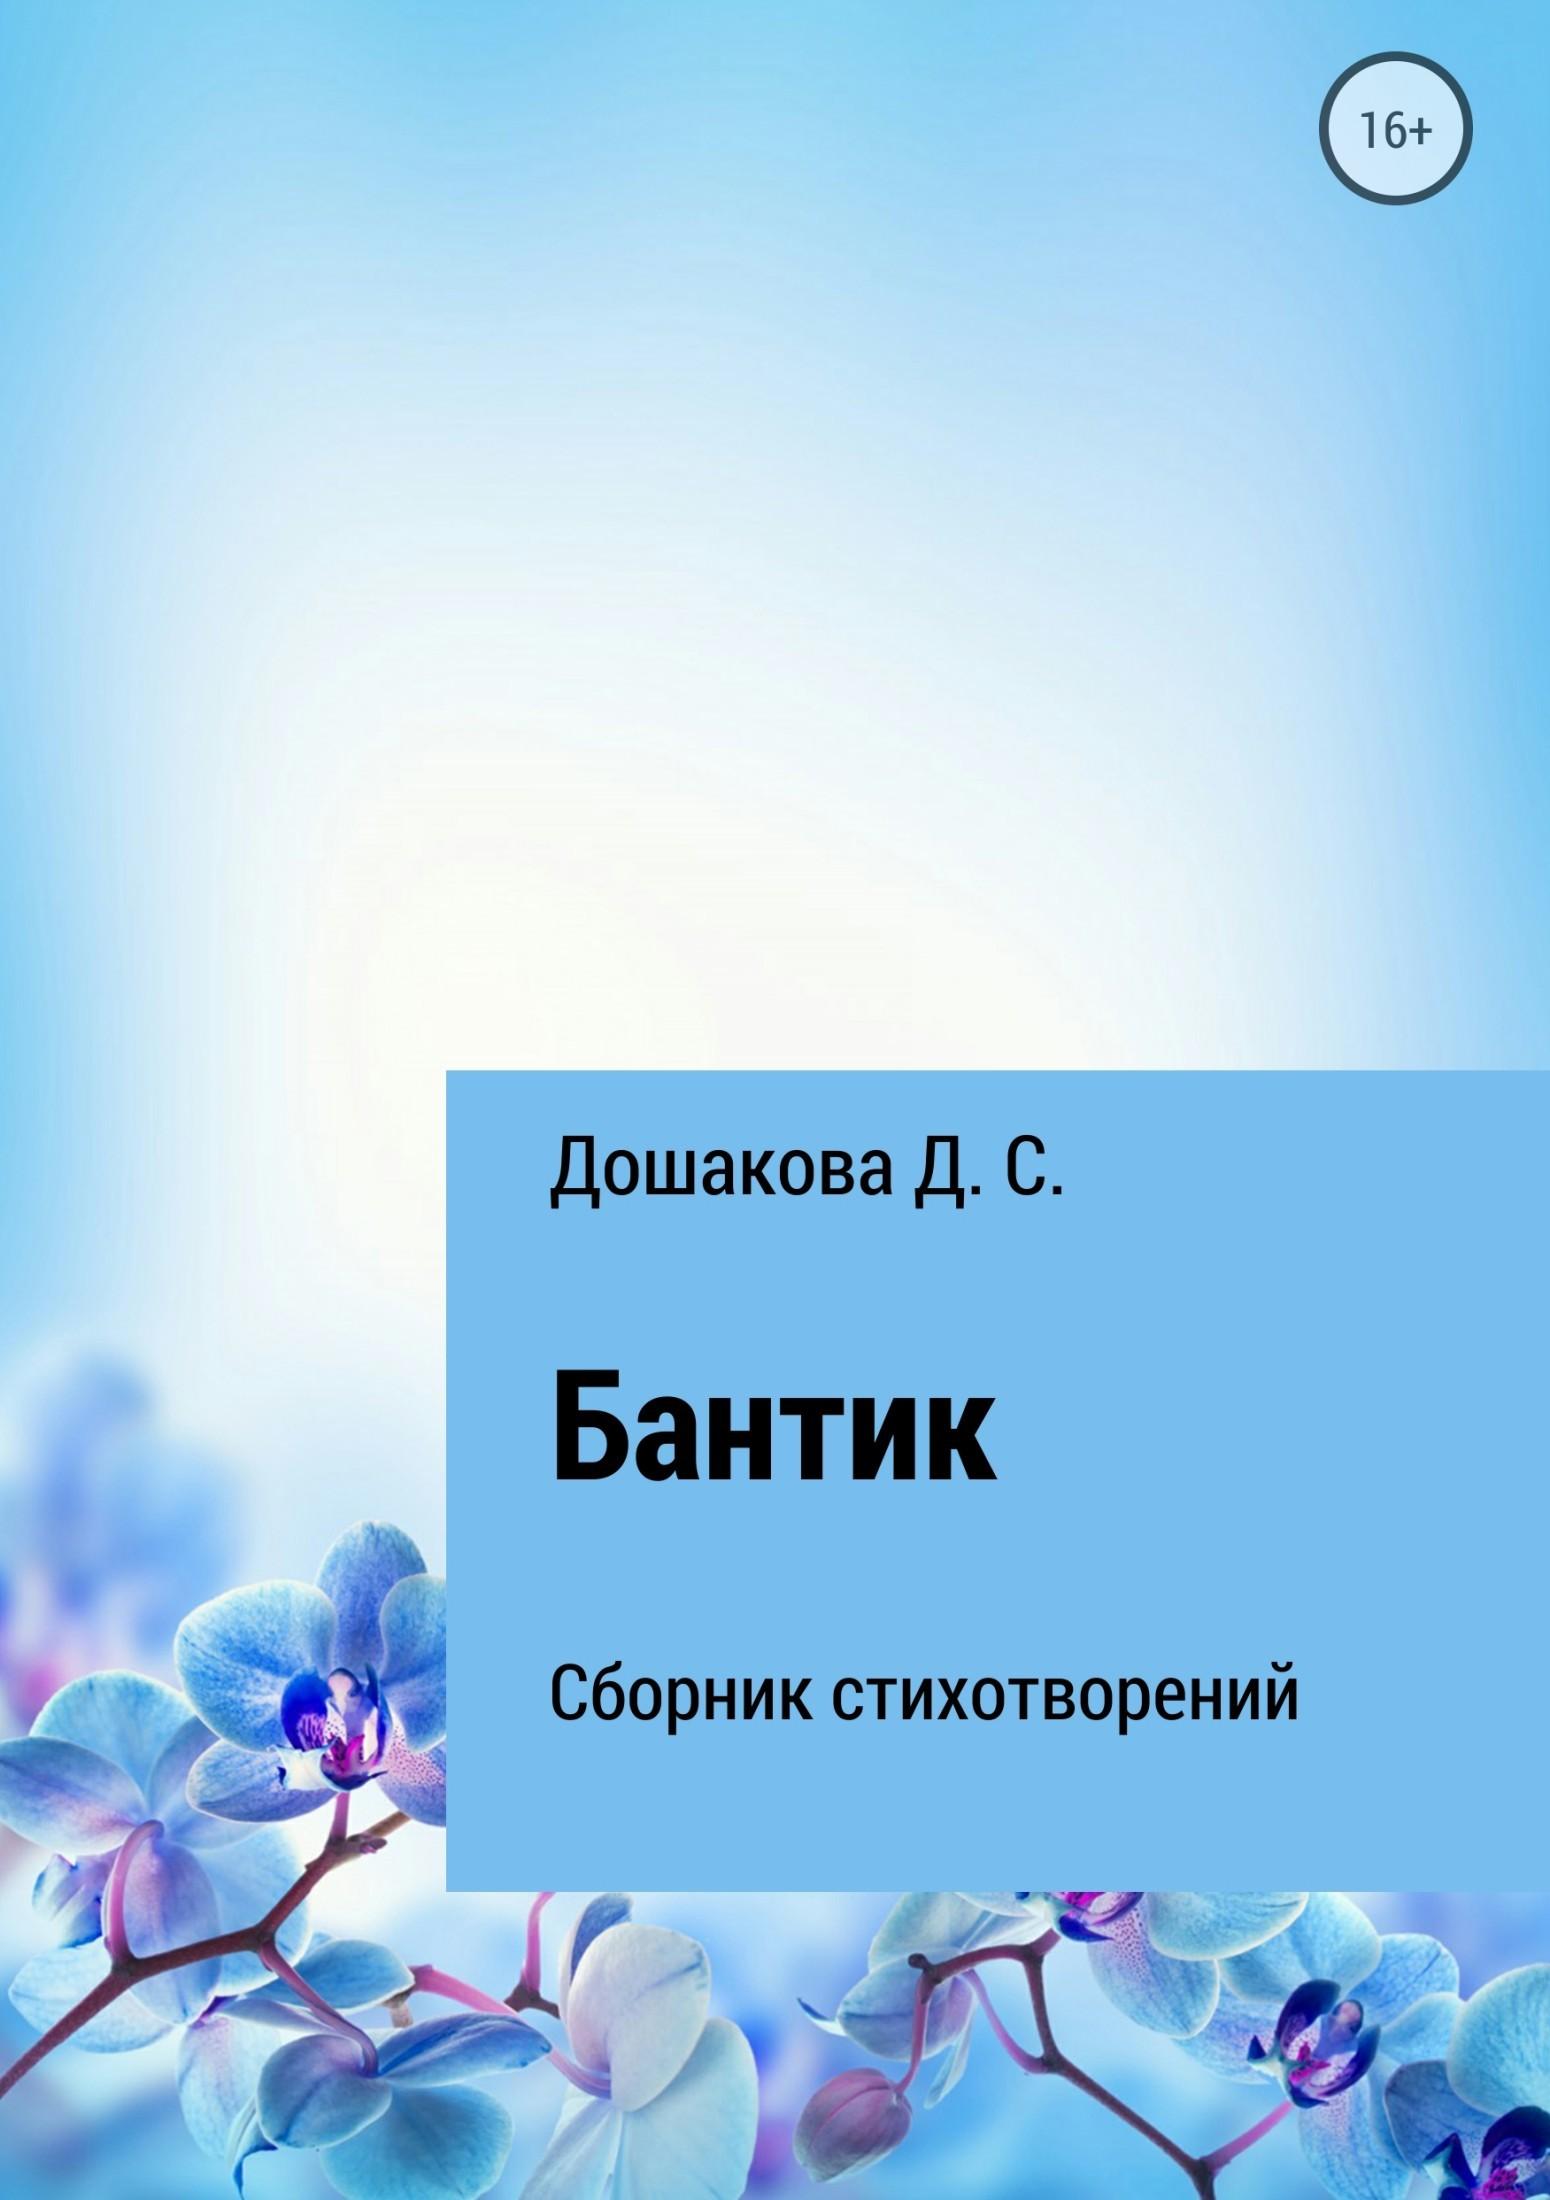 Д. С. Дошакова Бантик сергей андреевич владимиров у каждого – два каждых в голове… стихотворения 2000 2017